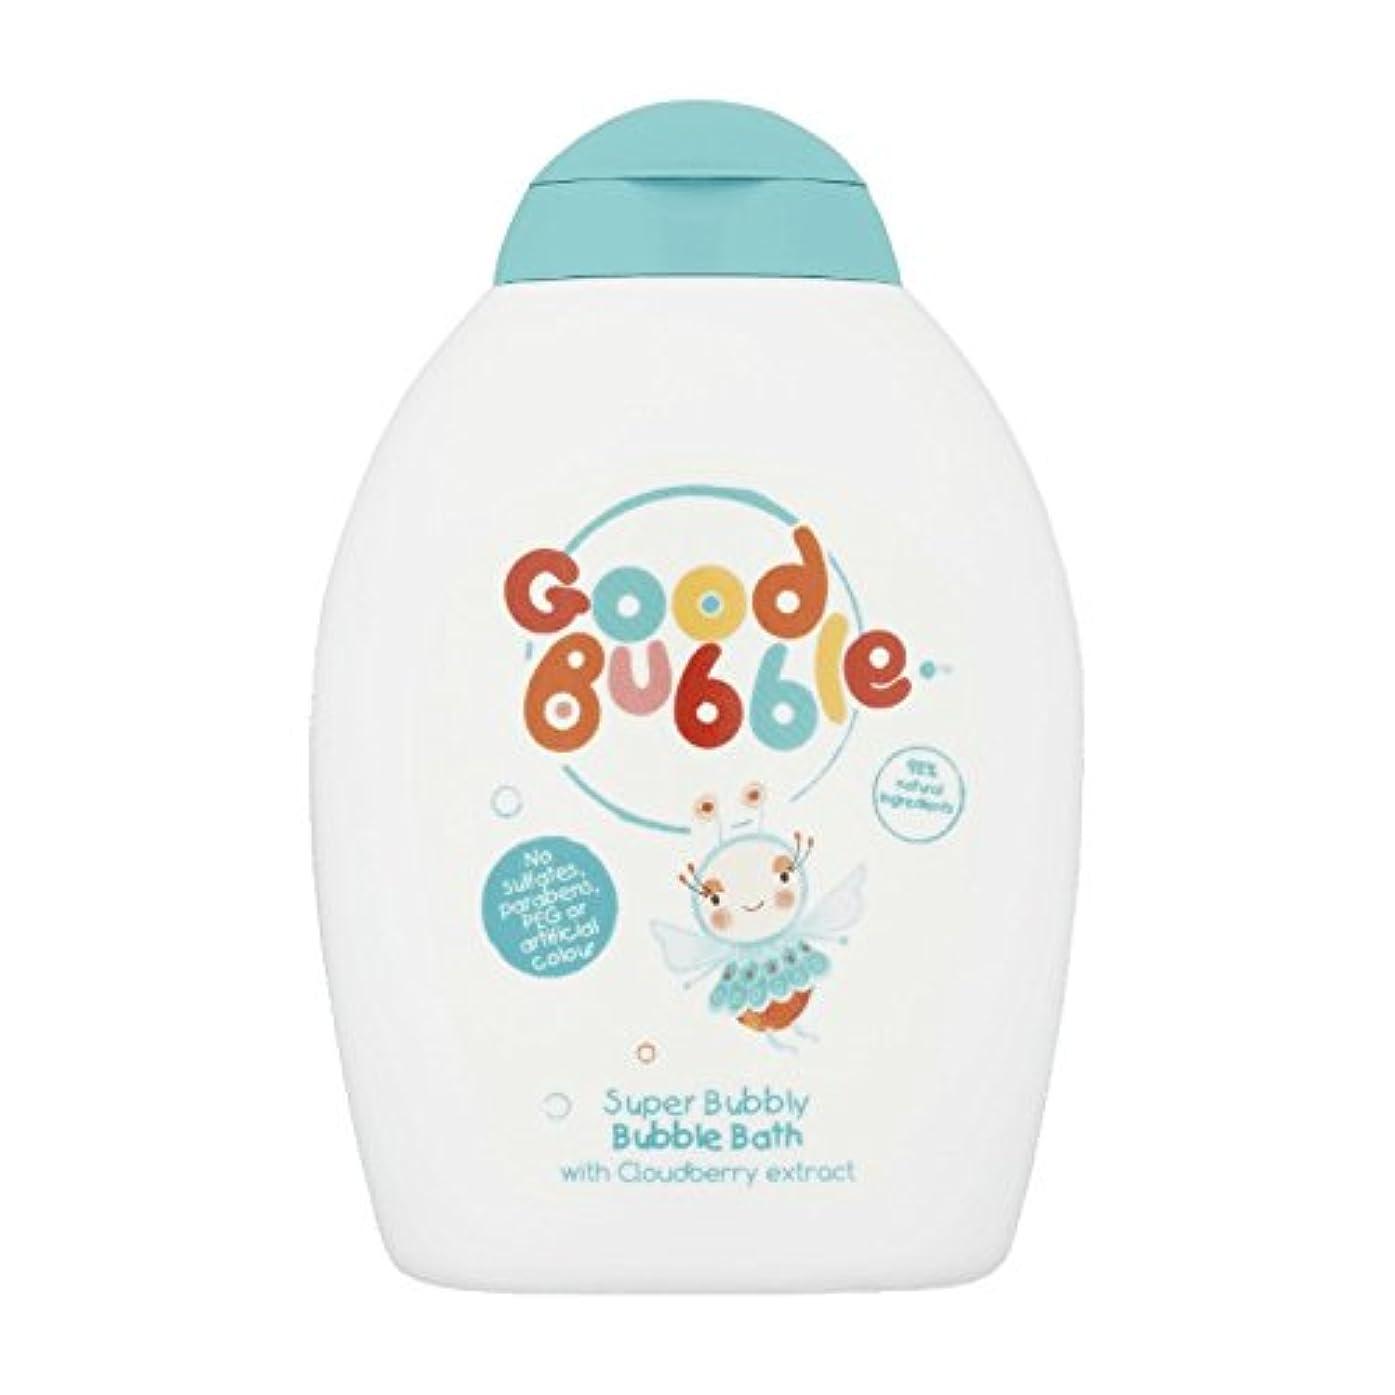 ためにベスビオ山速い良いバブルクラウドベリーバブルバス400ミリリットル - Good Bubble Cloudberry Bubble Bath 400ml (Good Bubble) [並行輸入品]